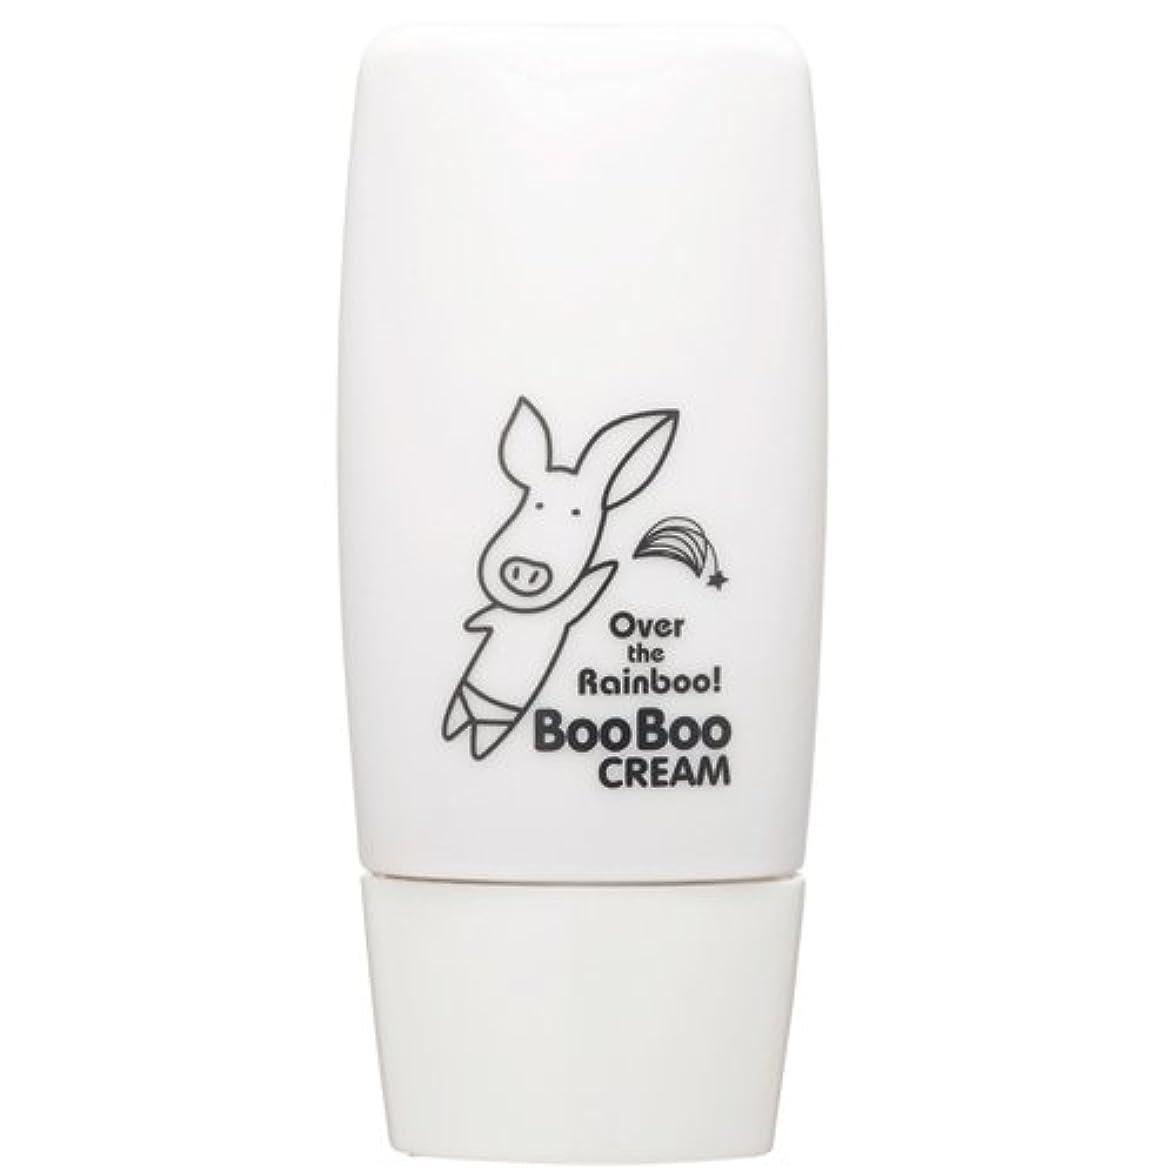 制限された仮称フィドルOver the Rainboo! Boo Boo CREAM